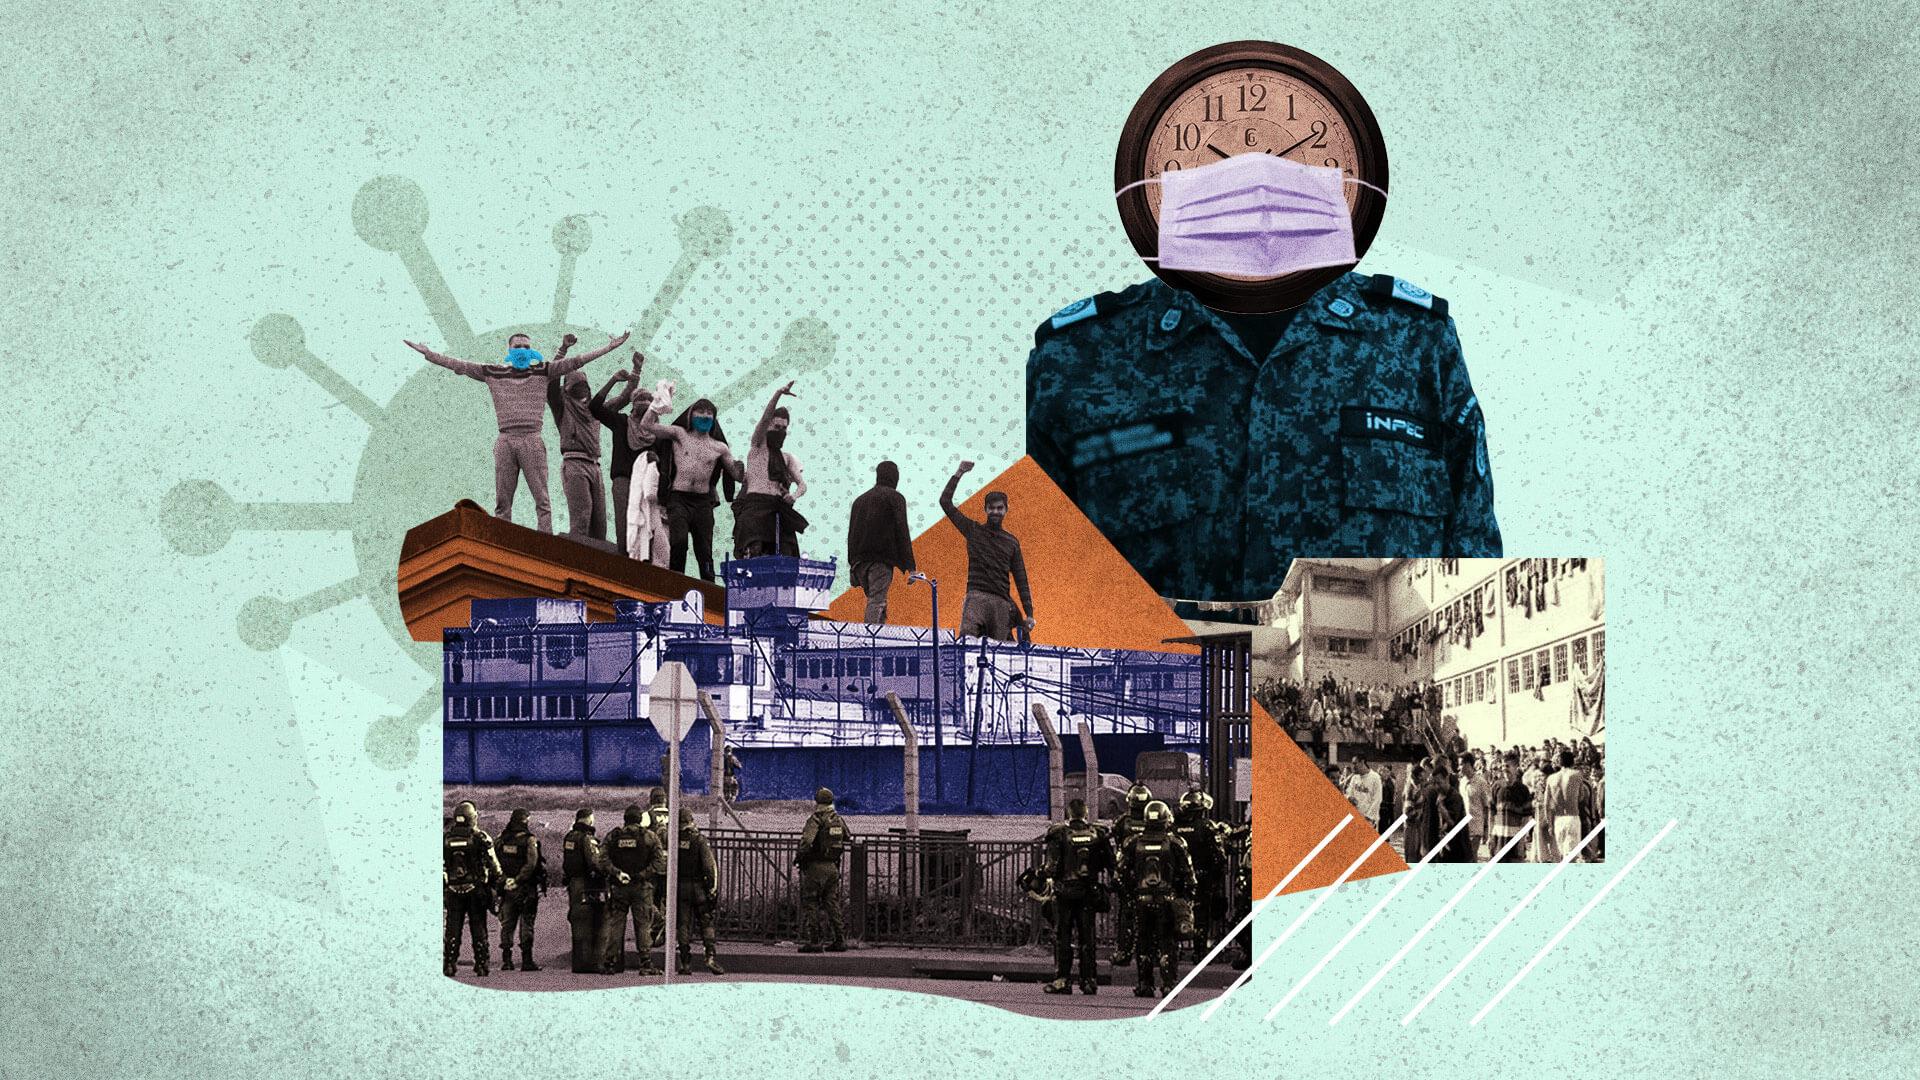 Cárceles y pandemia: ¿se puede protestar para exigir bienestar?